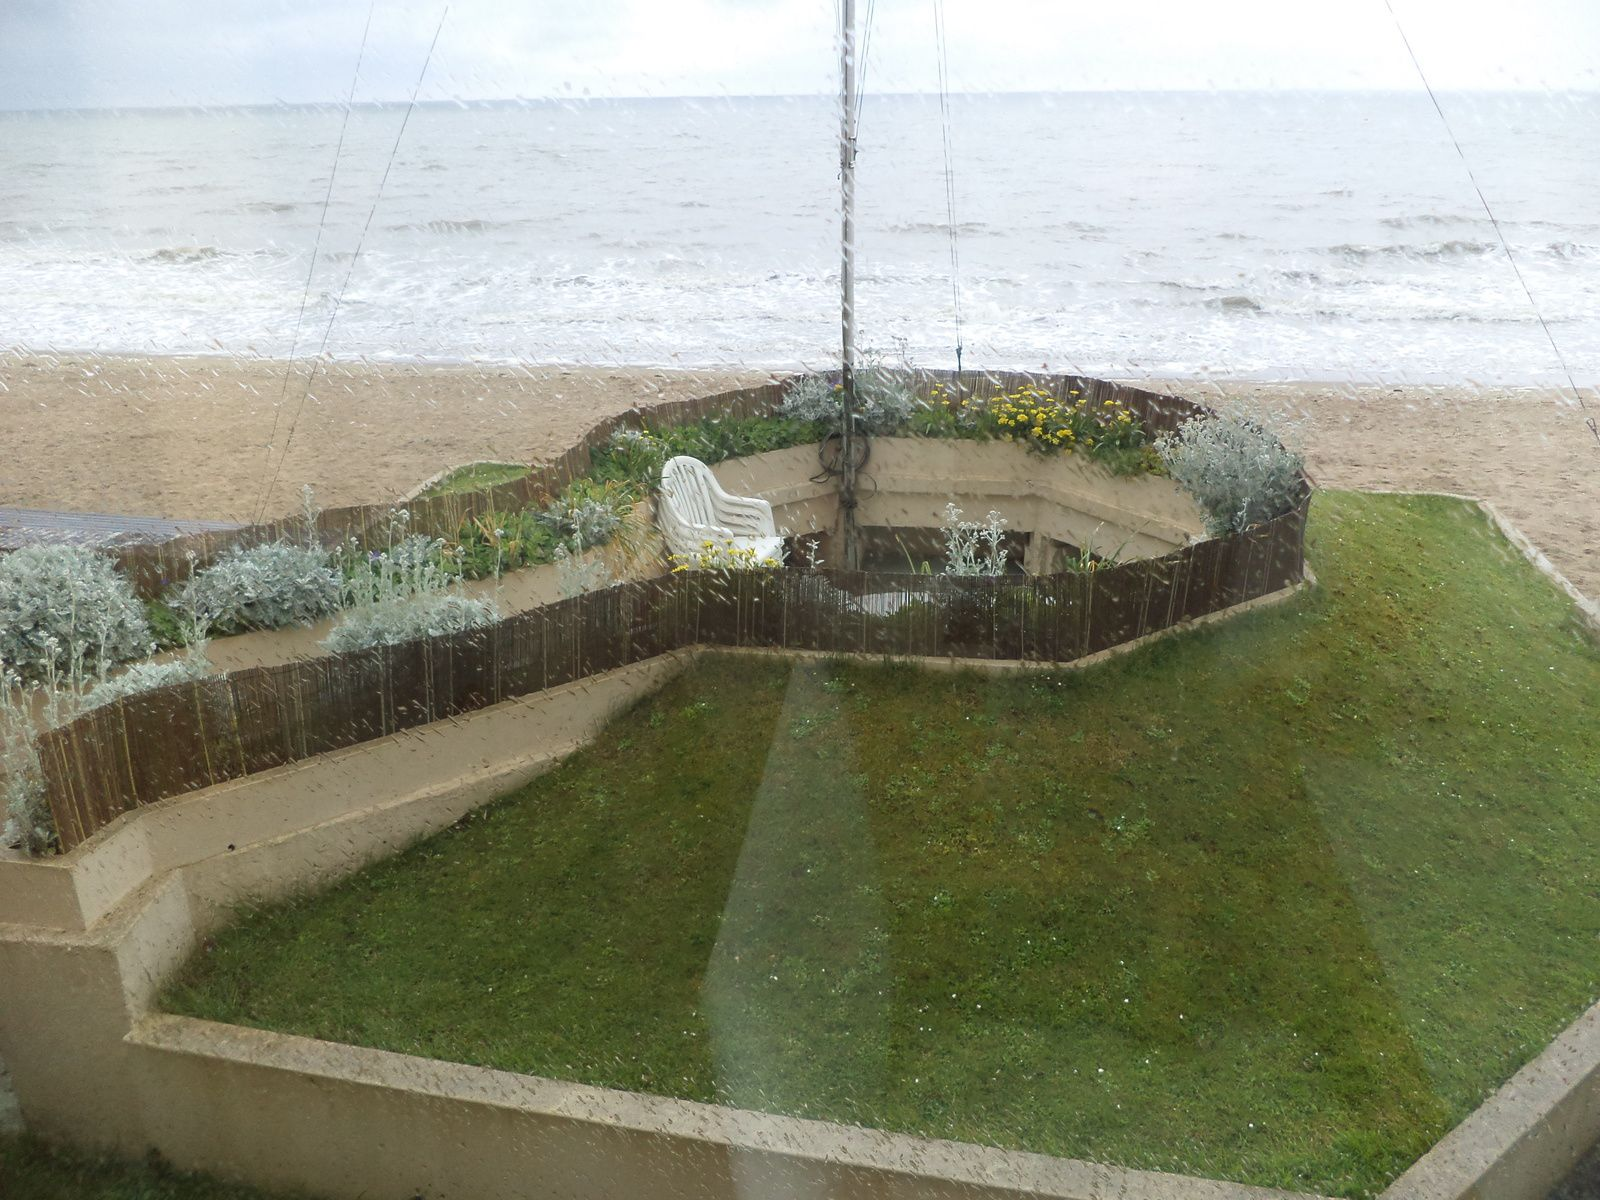 devant la propriété ,en bordure de la plage un encuvement pour canon sert maintenant de terrasse..